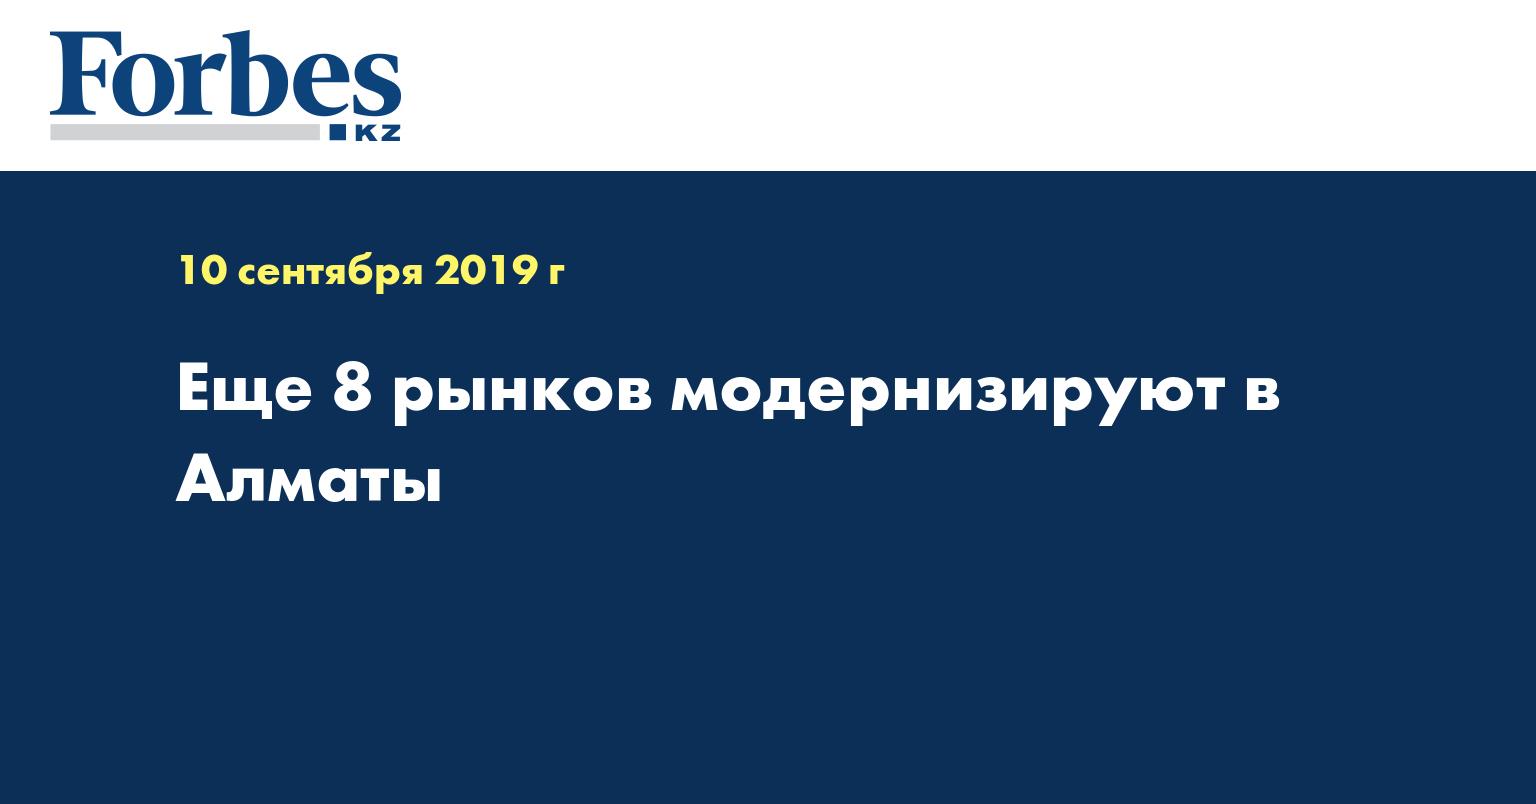 Еще 8 рынков модернизируют в Алматы